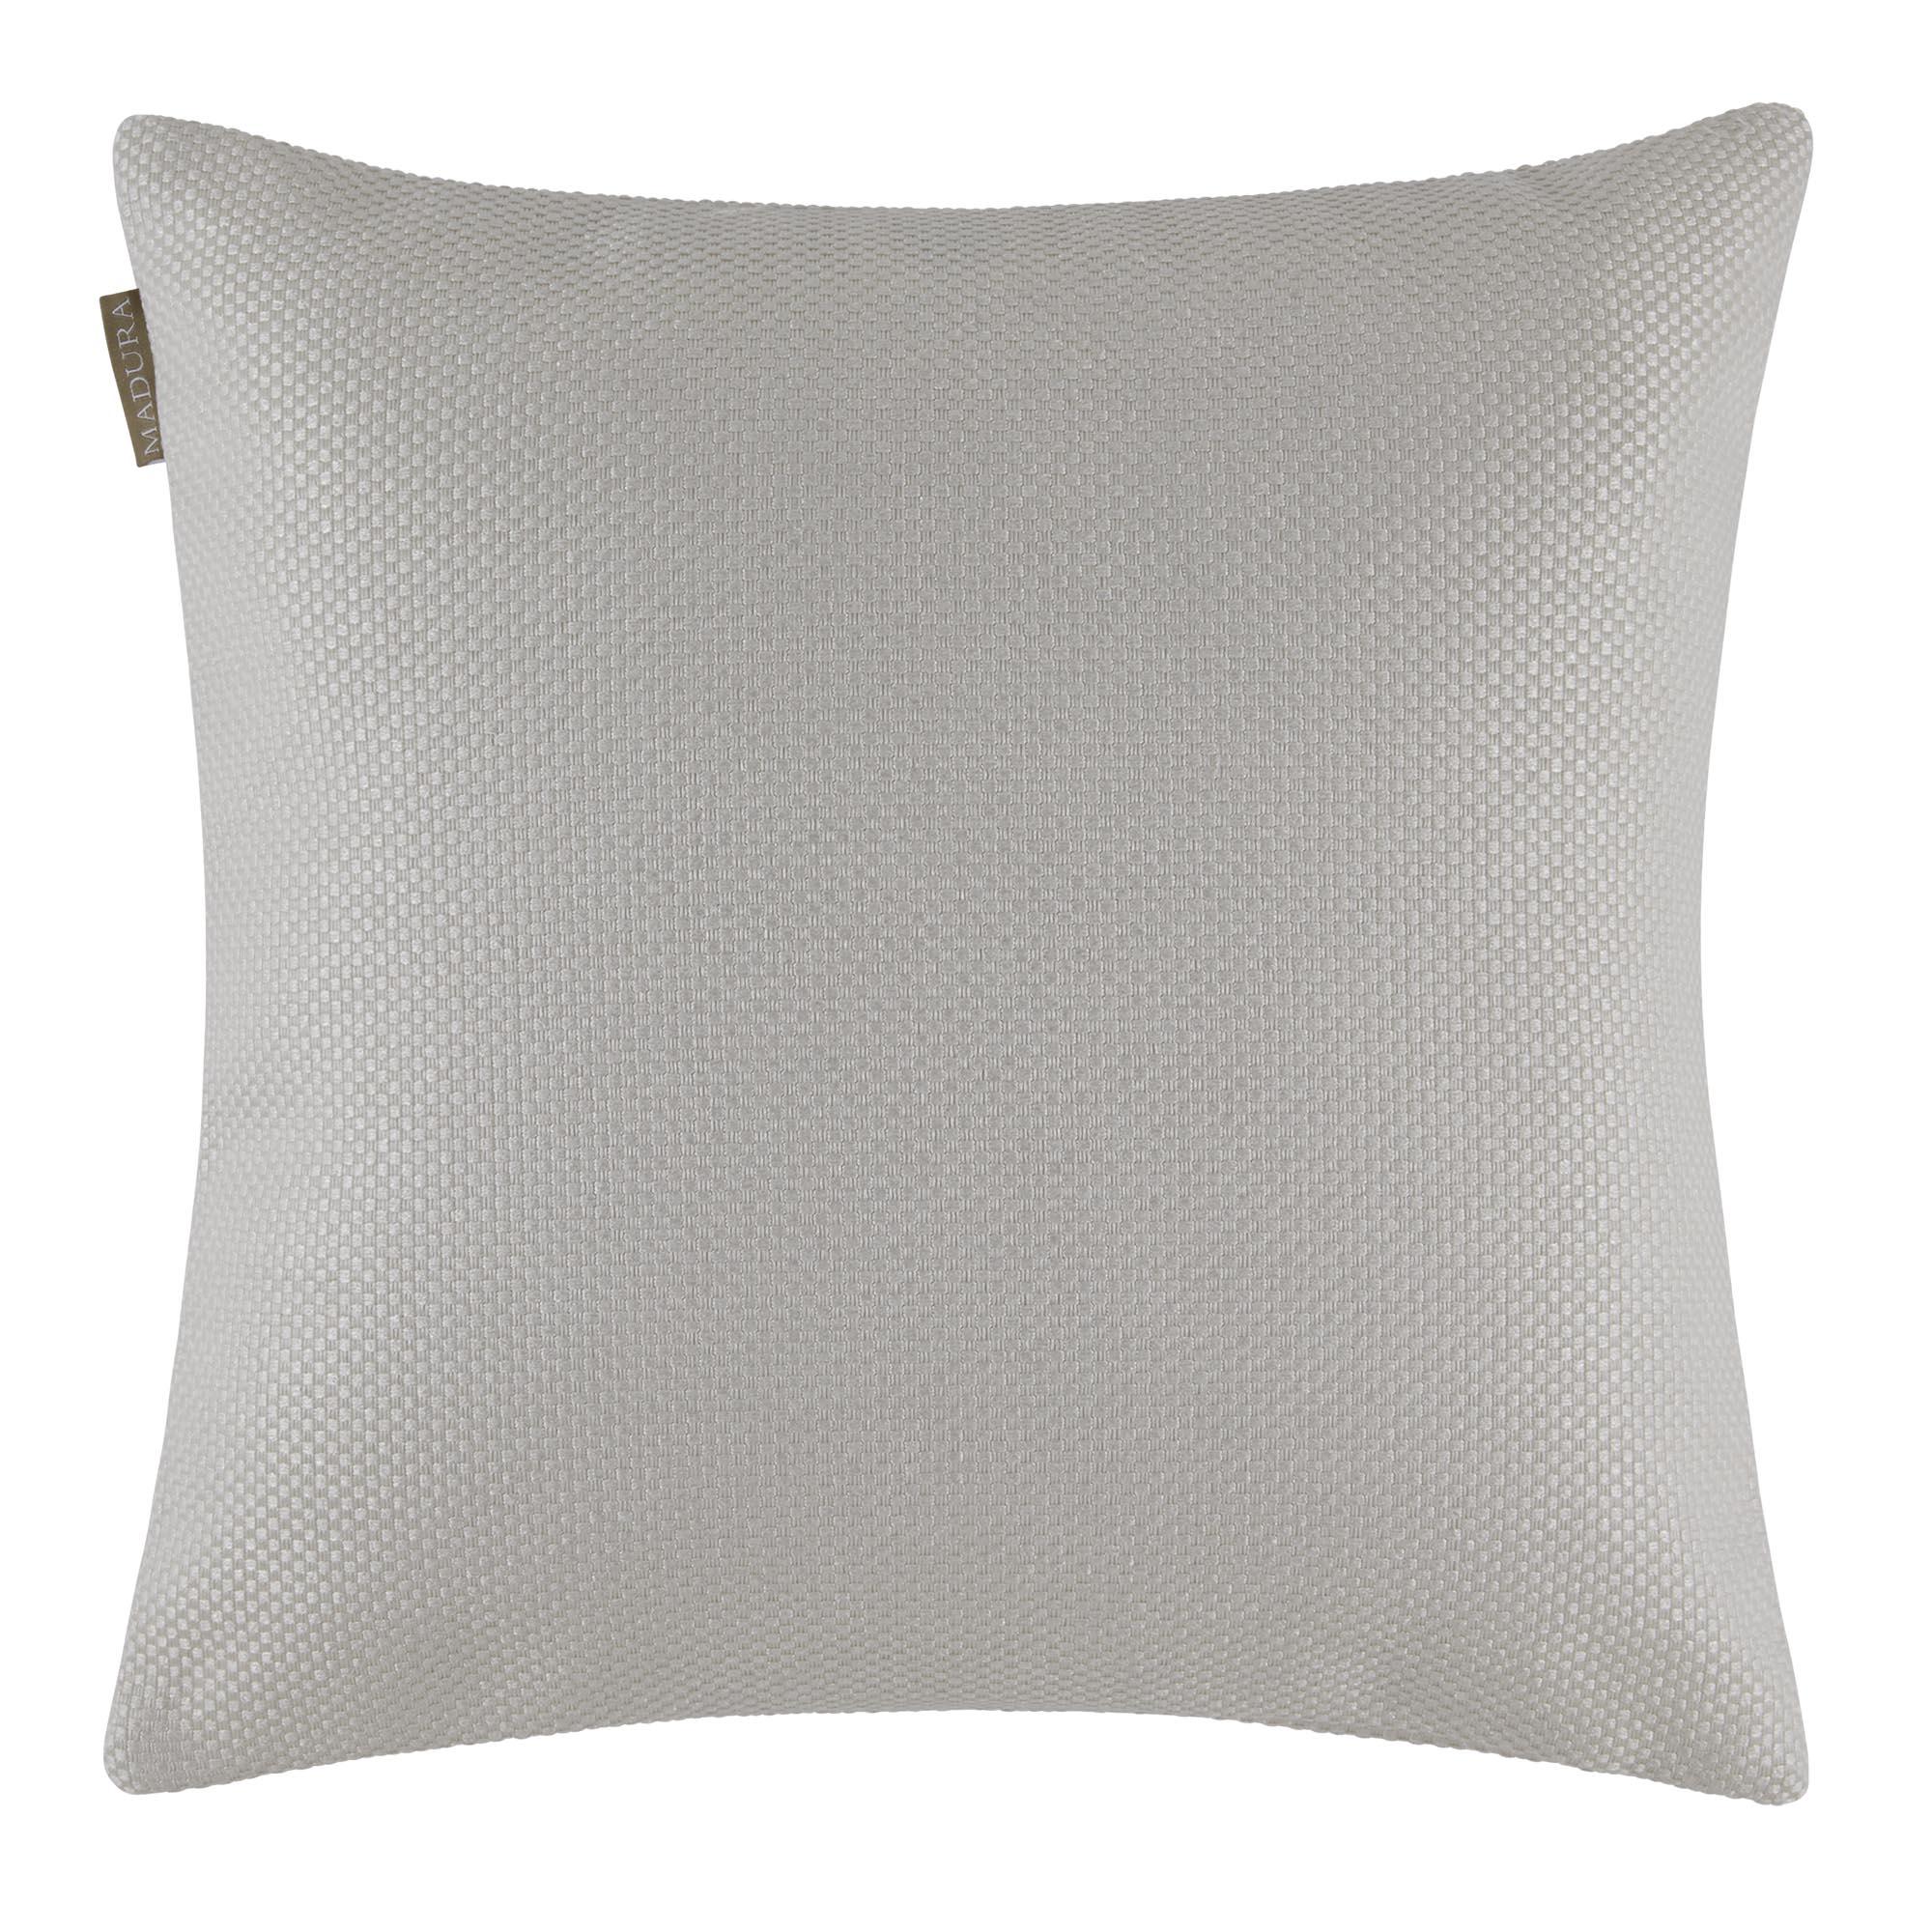 Housse de coussin 60x60 cm Blanc